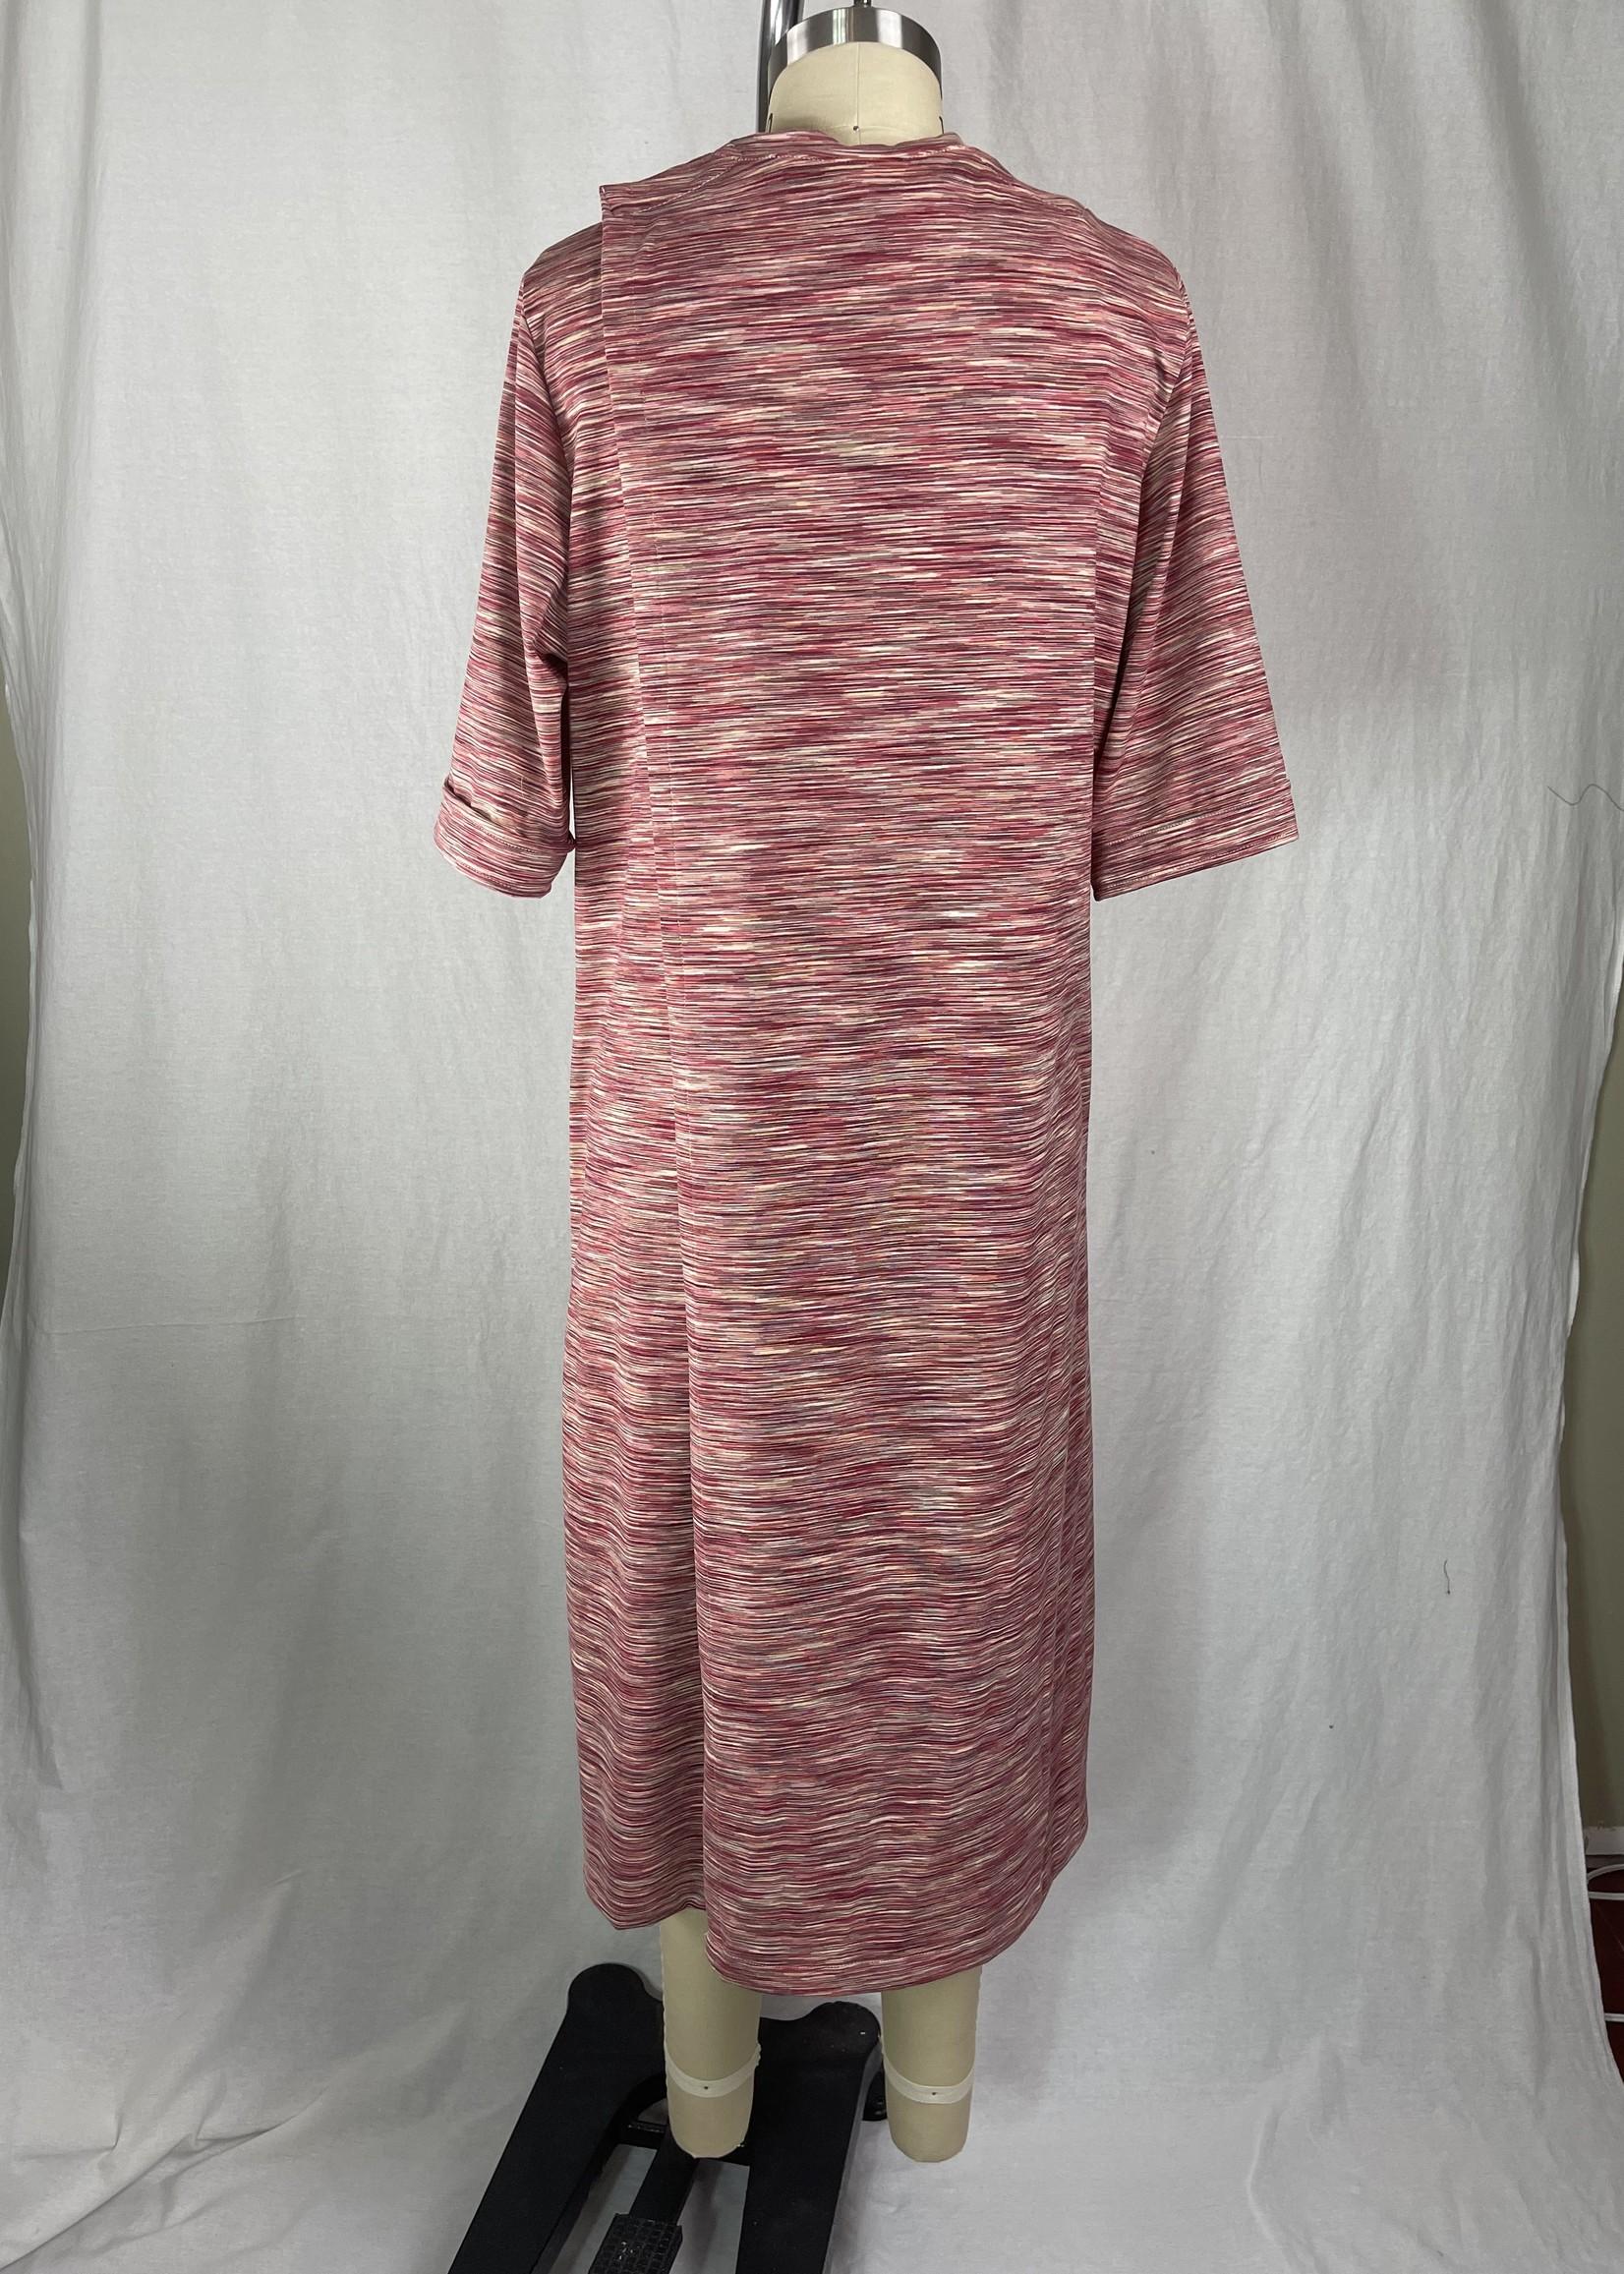 Dress, multi-red  f/w21